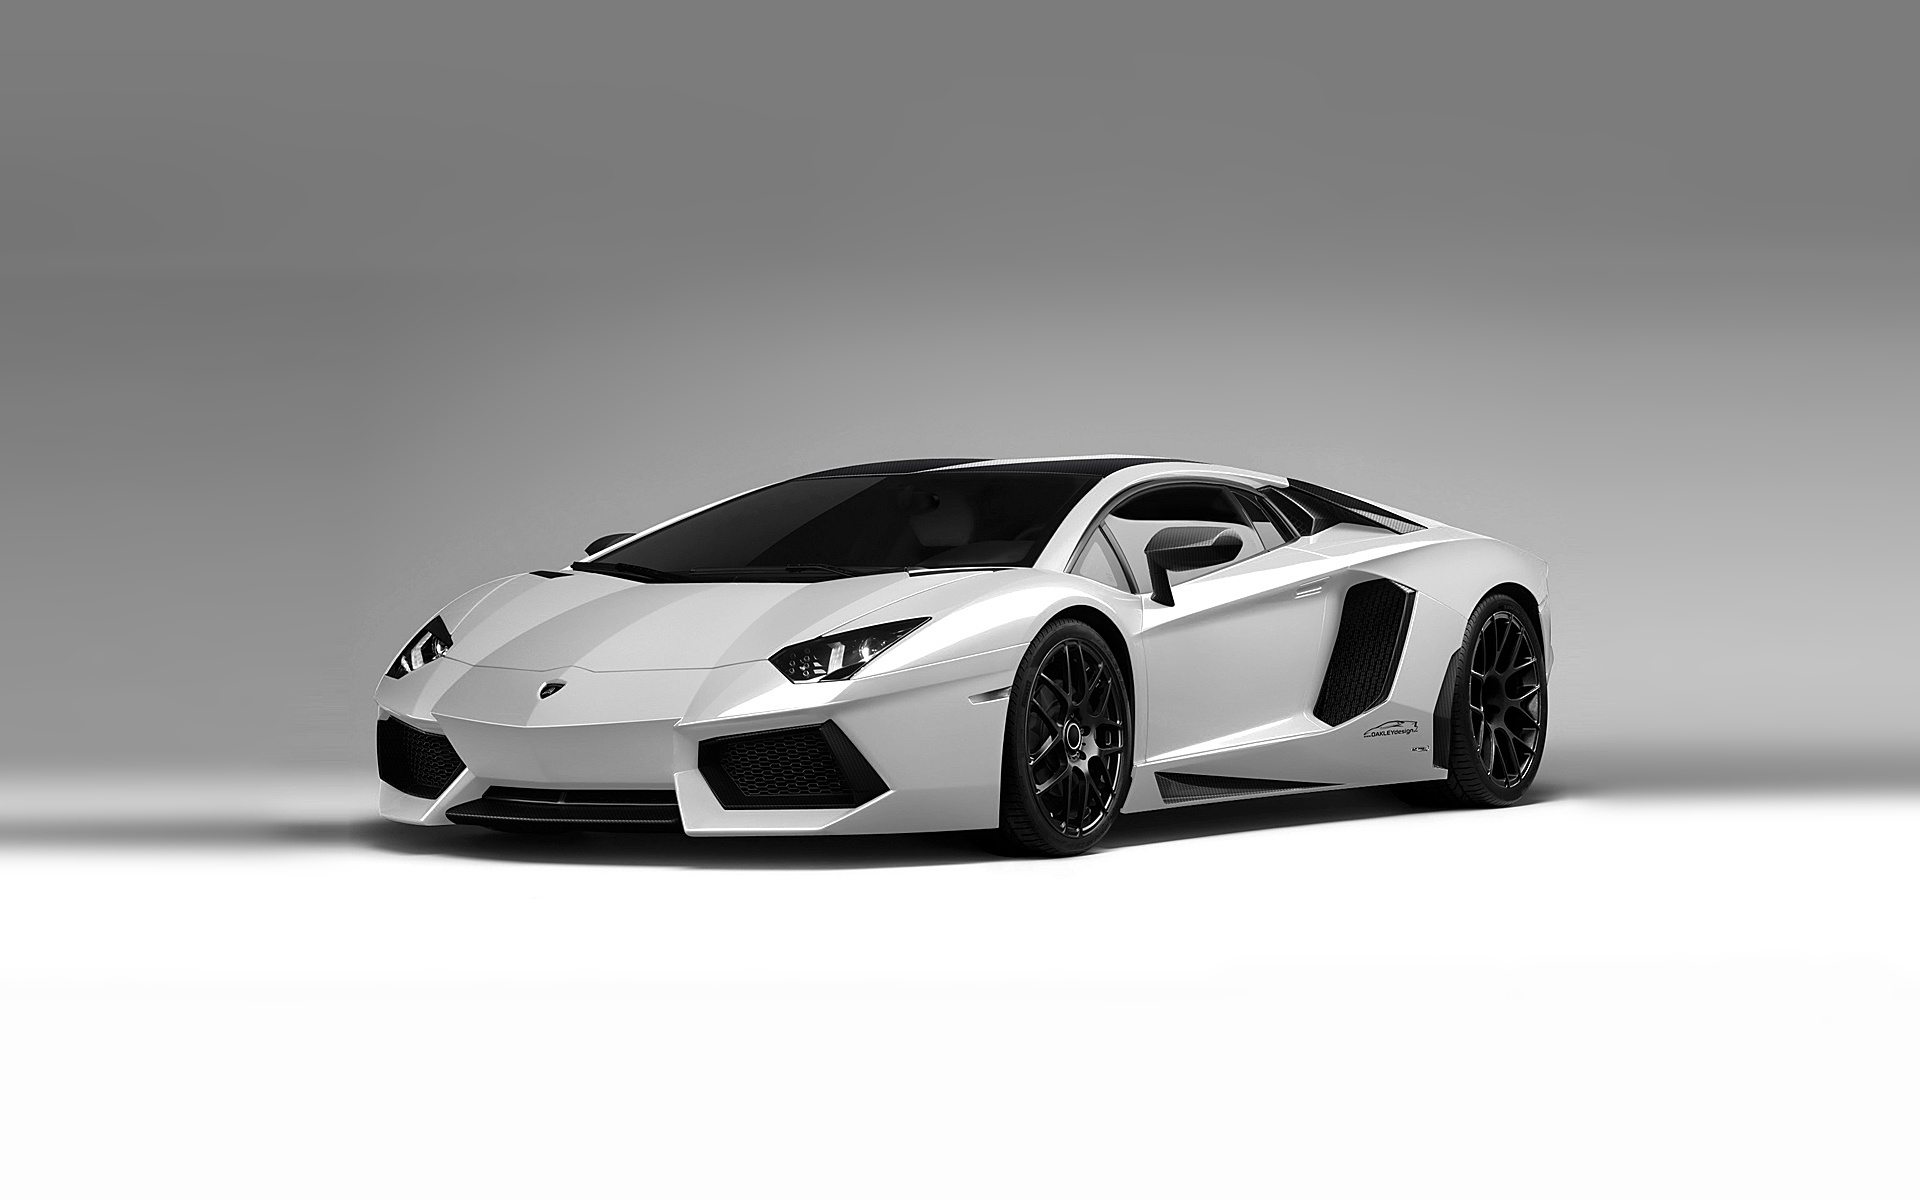 Lamborghini Aventador White Hd Wallpaper